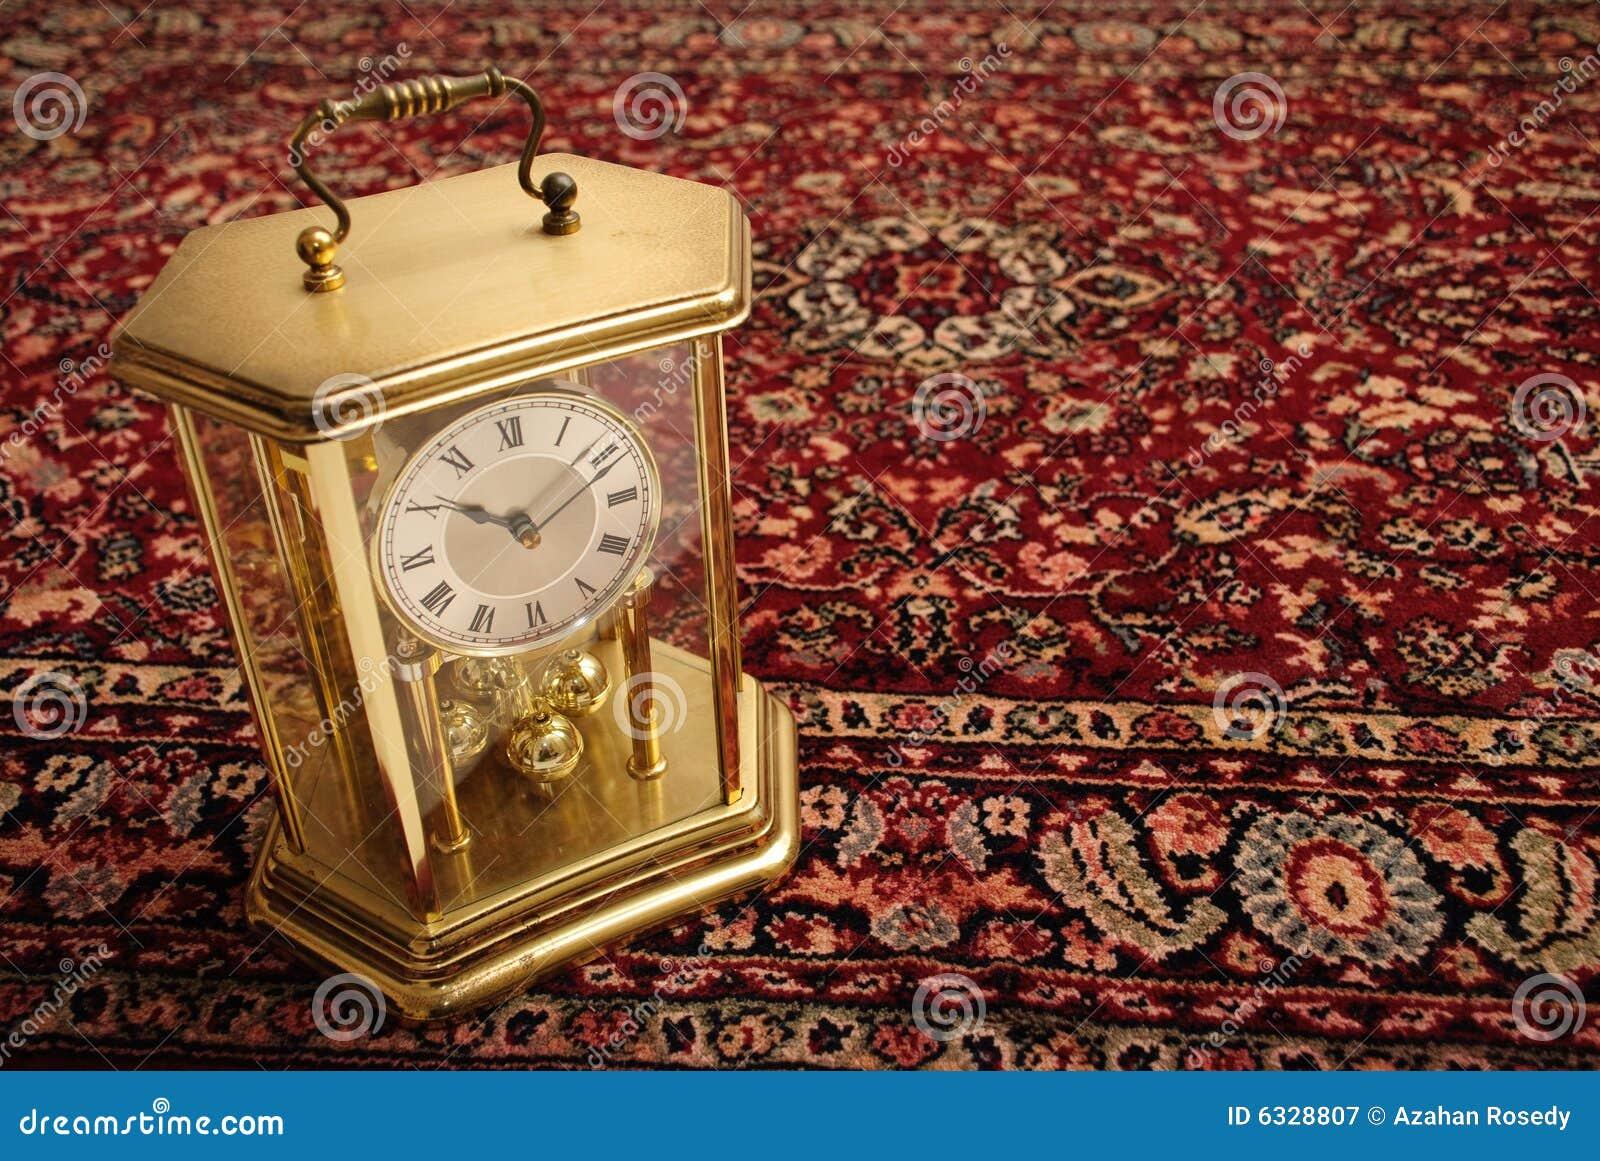 Reloj antiguo en la manta persa